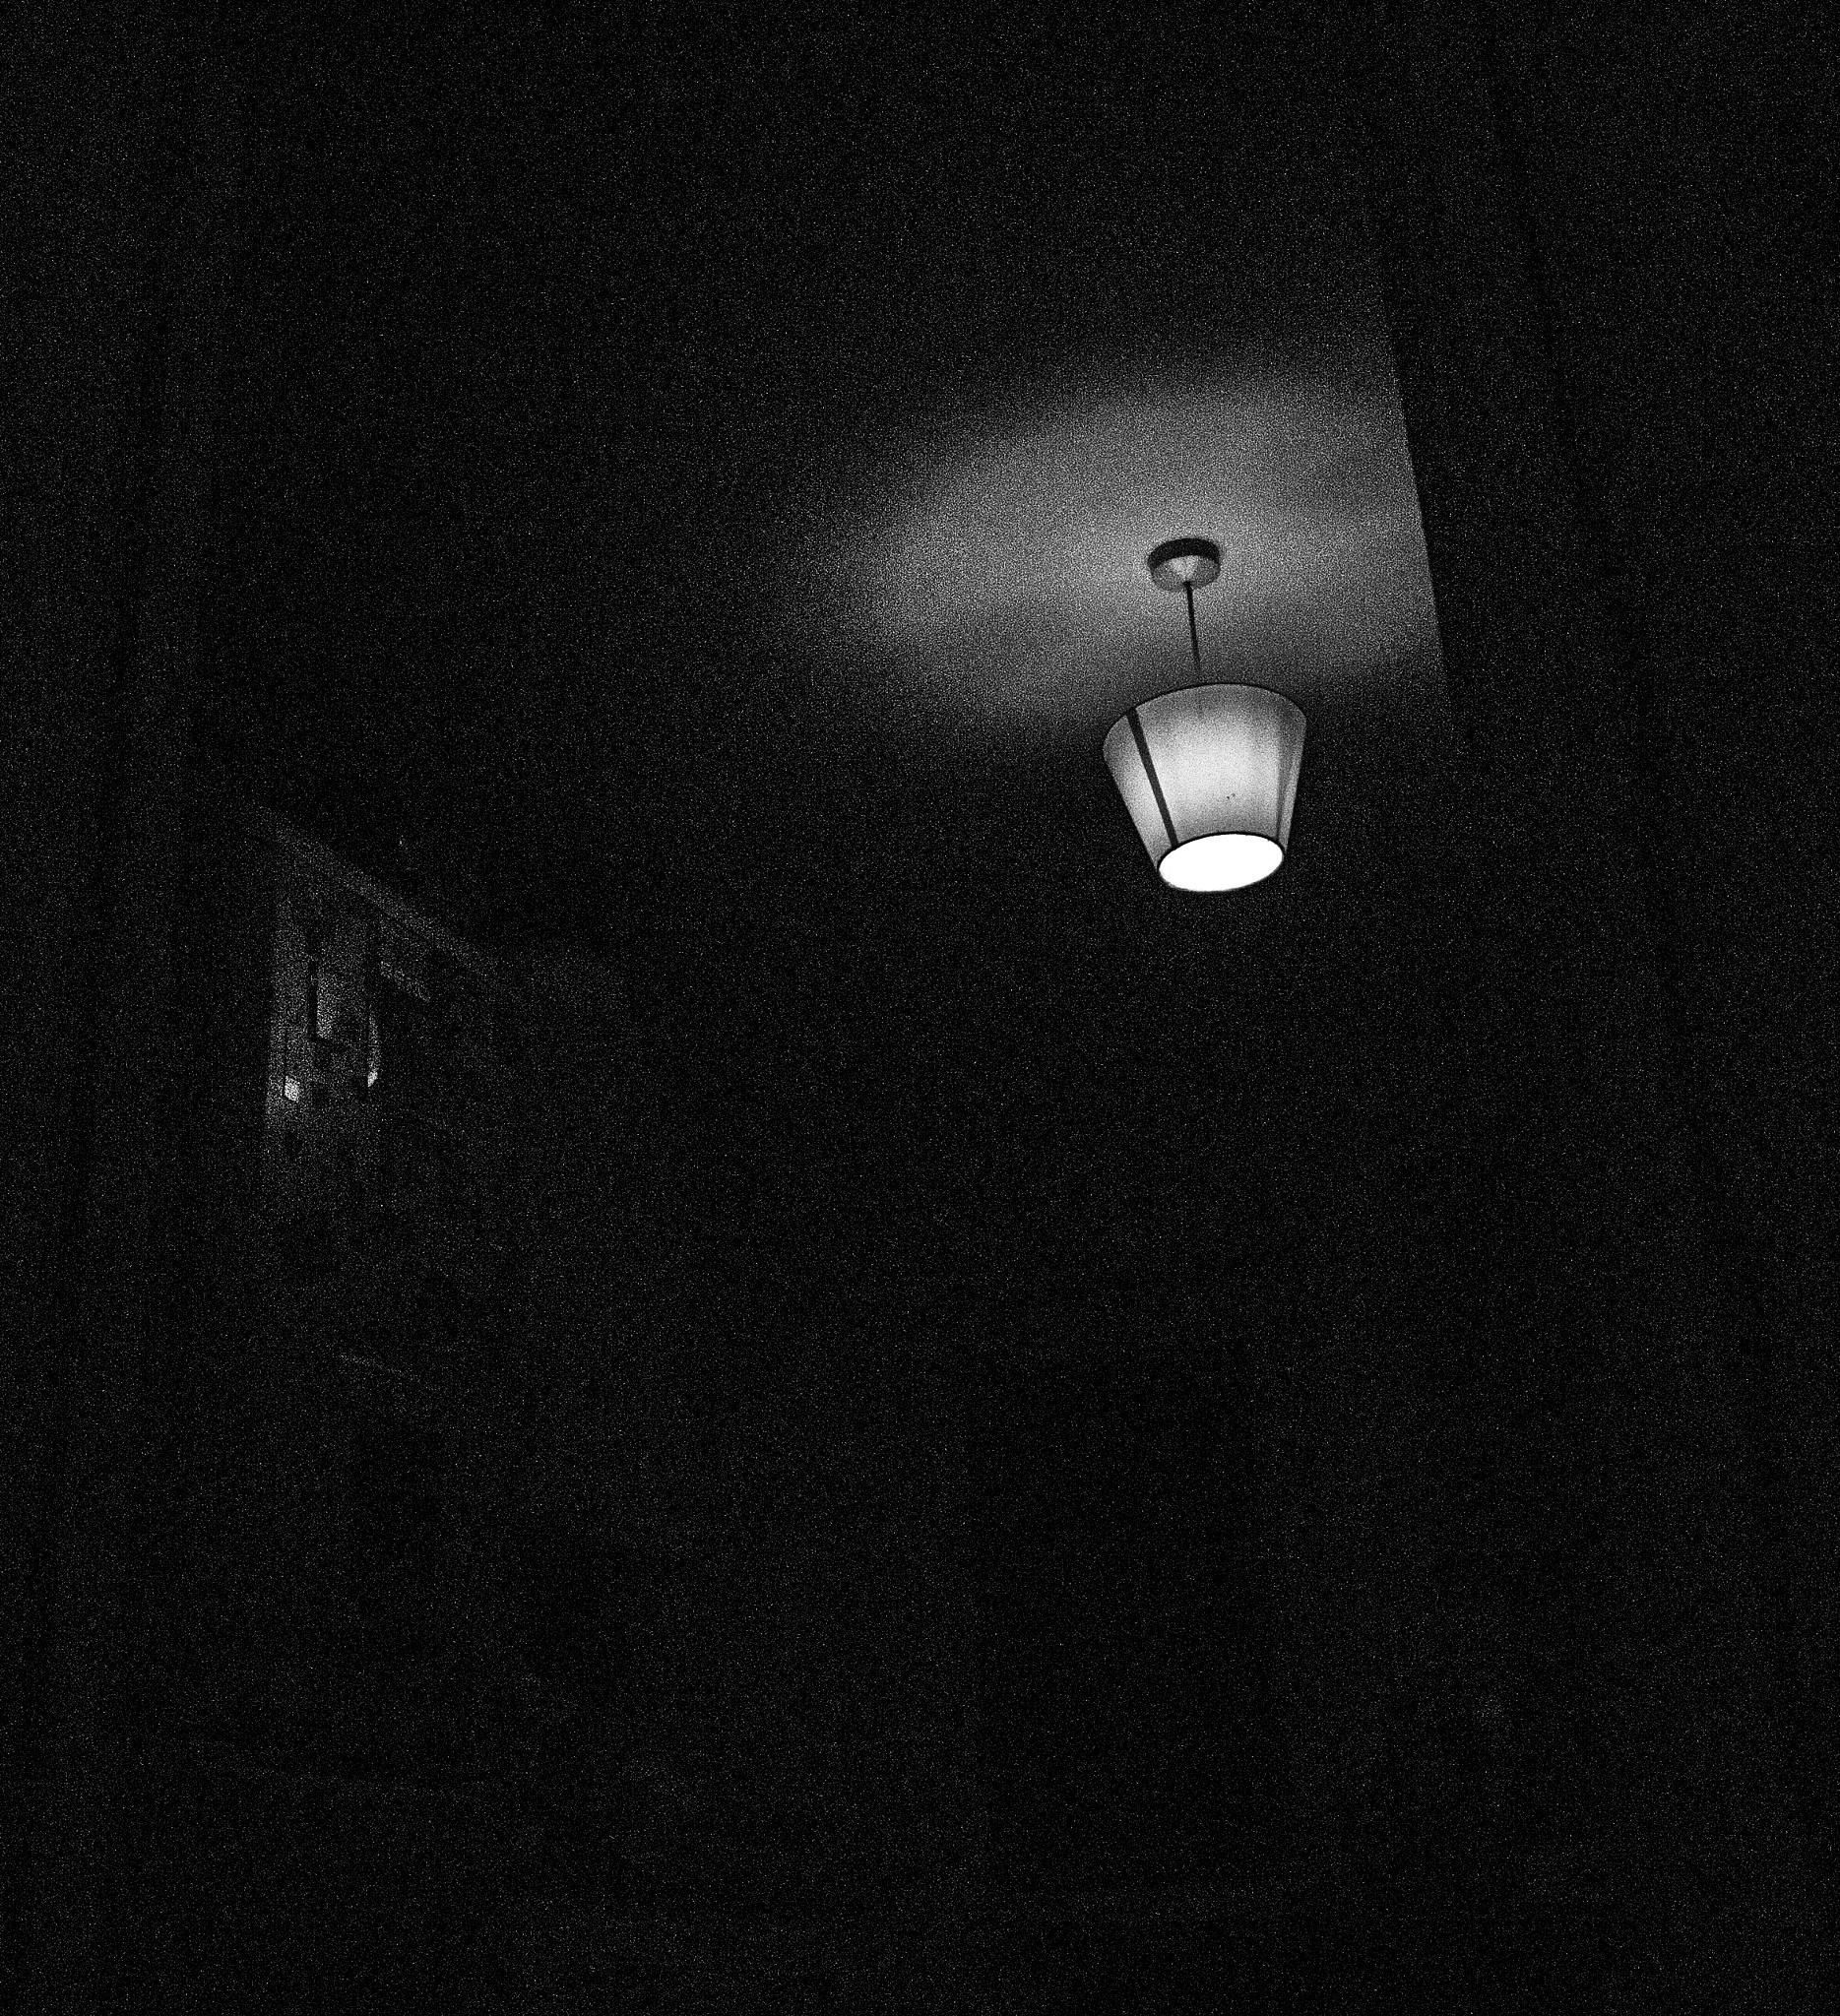 Kitchen light #2 by MADOLDIE